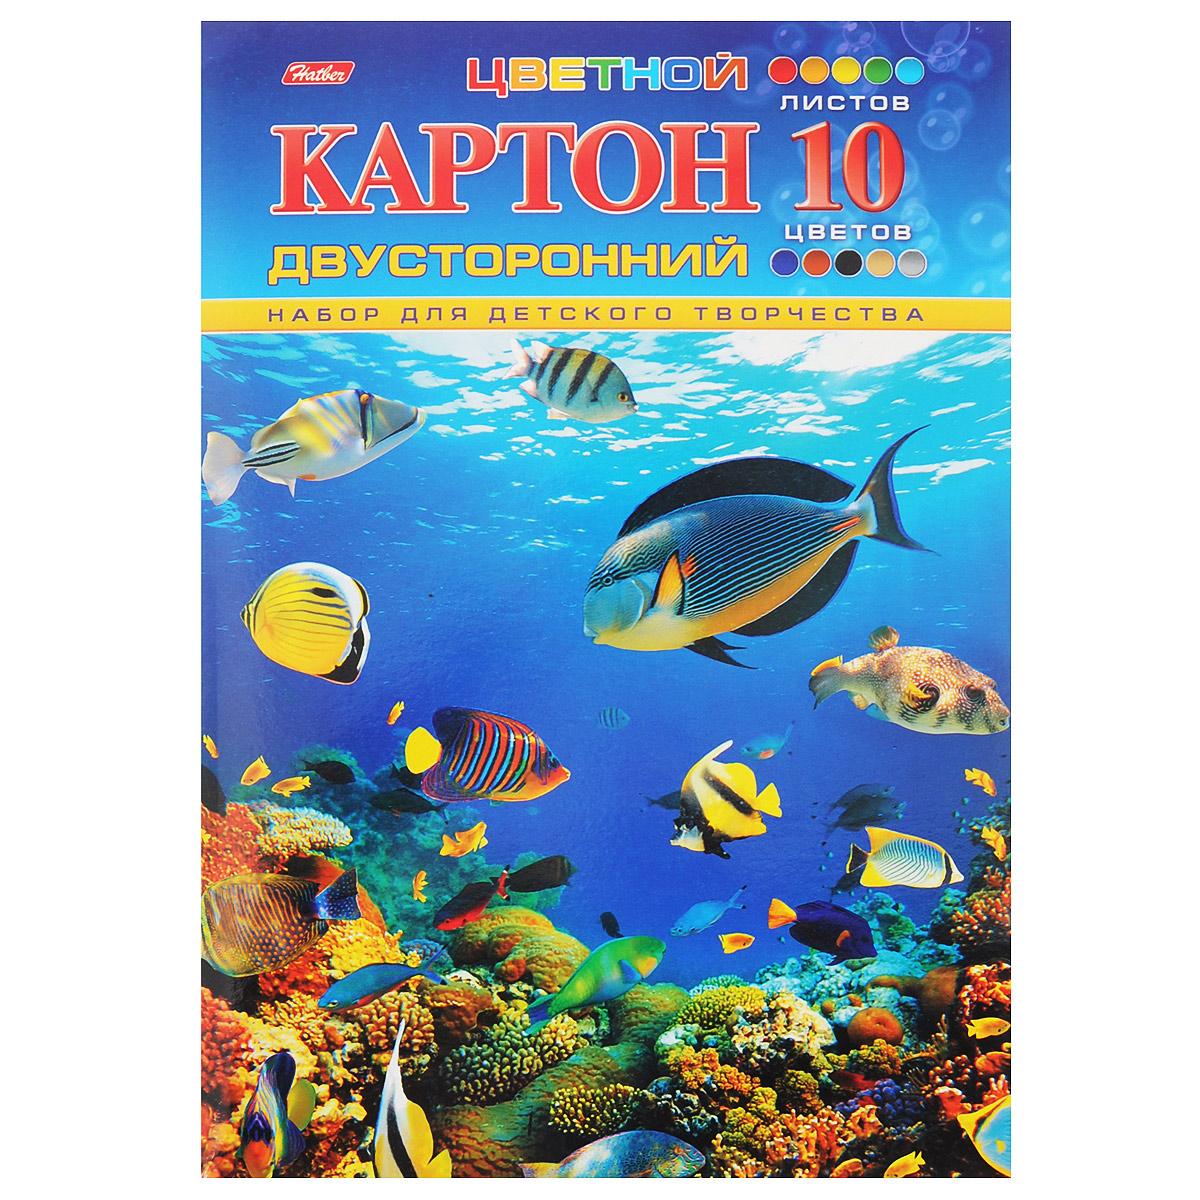 Цветной картон Hatber Подводный мир, двусторонний, 10 цветов72523WDДвусторонний цветной картон Hatber Подводный мир позволит вашему ребенку создавать всевозможные аппликации и поделки. Набор состоит из десяти листов разноцветного картона с полуглянцевым покрытием формата А4. Картон упакован в оригинальную картонную папку, оформленную изображением необычайно красивого подводного мира.Создание поделок из картона поможет ребенку в развитии творческих способностей, кроме того, это увлекательный досуг.Рекомендуемый возраст от 6 лет.